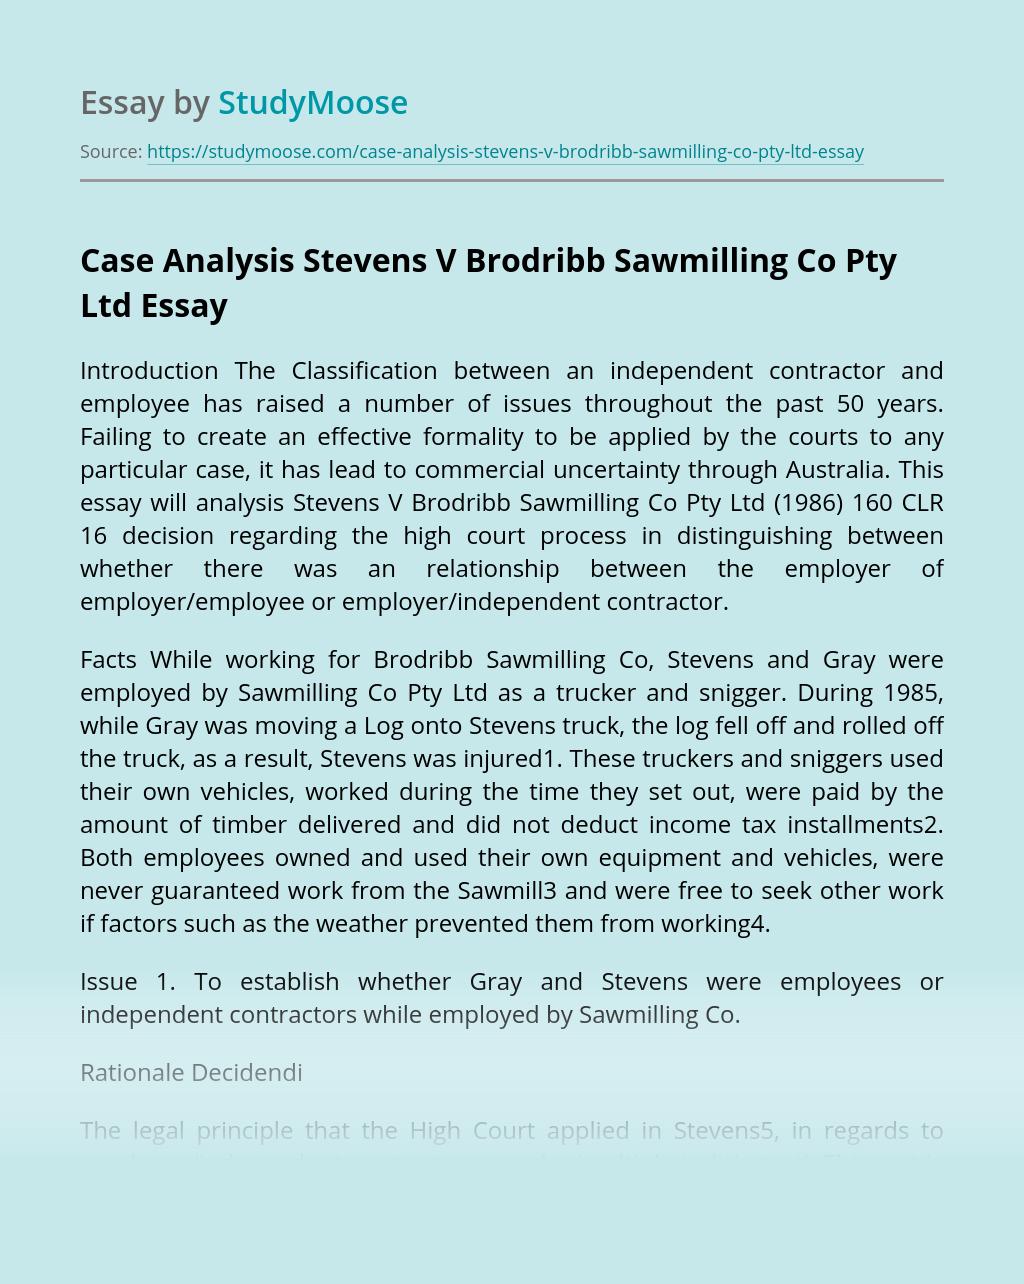 Case Analysis Stevens V Brodribb Sawmilling Co Pty Ltd